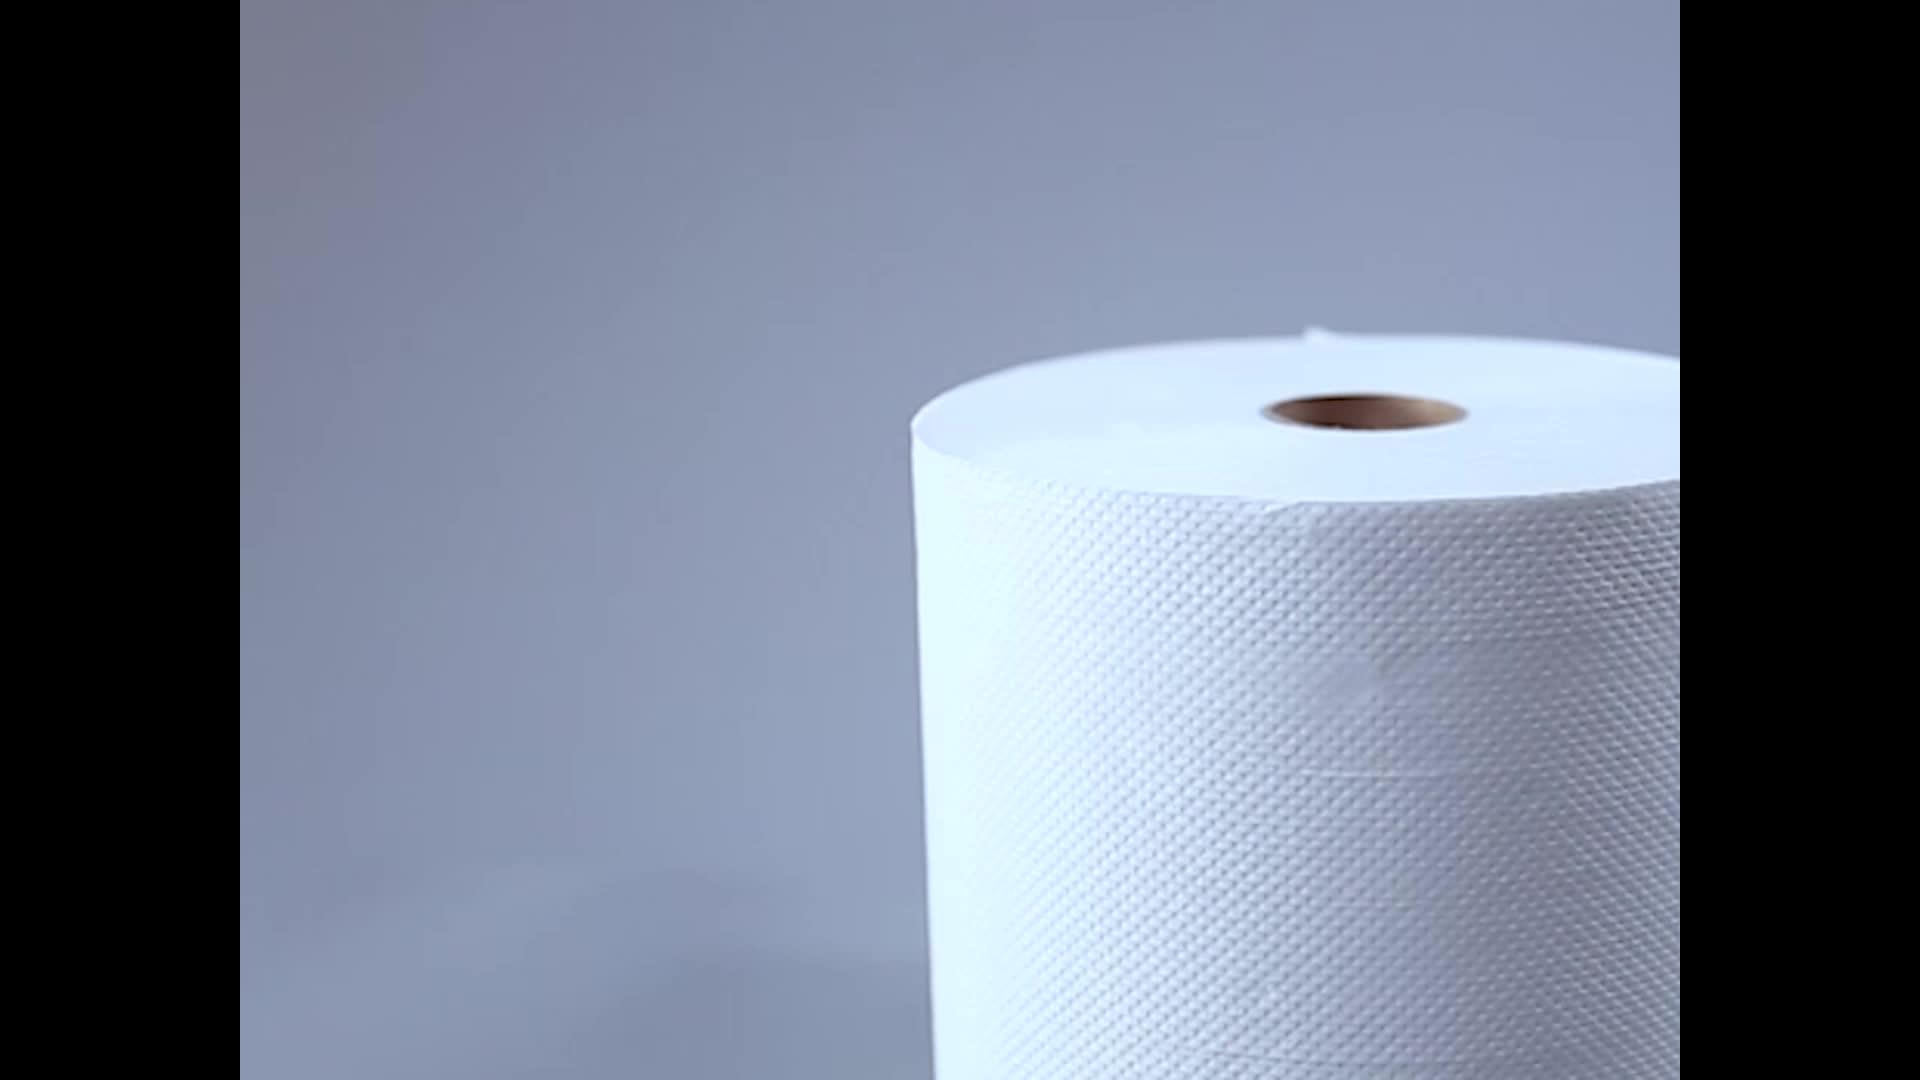 ขายร้อน2plyทิ้งครัวม้วนกระดาษผ้าขนหนู